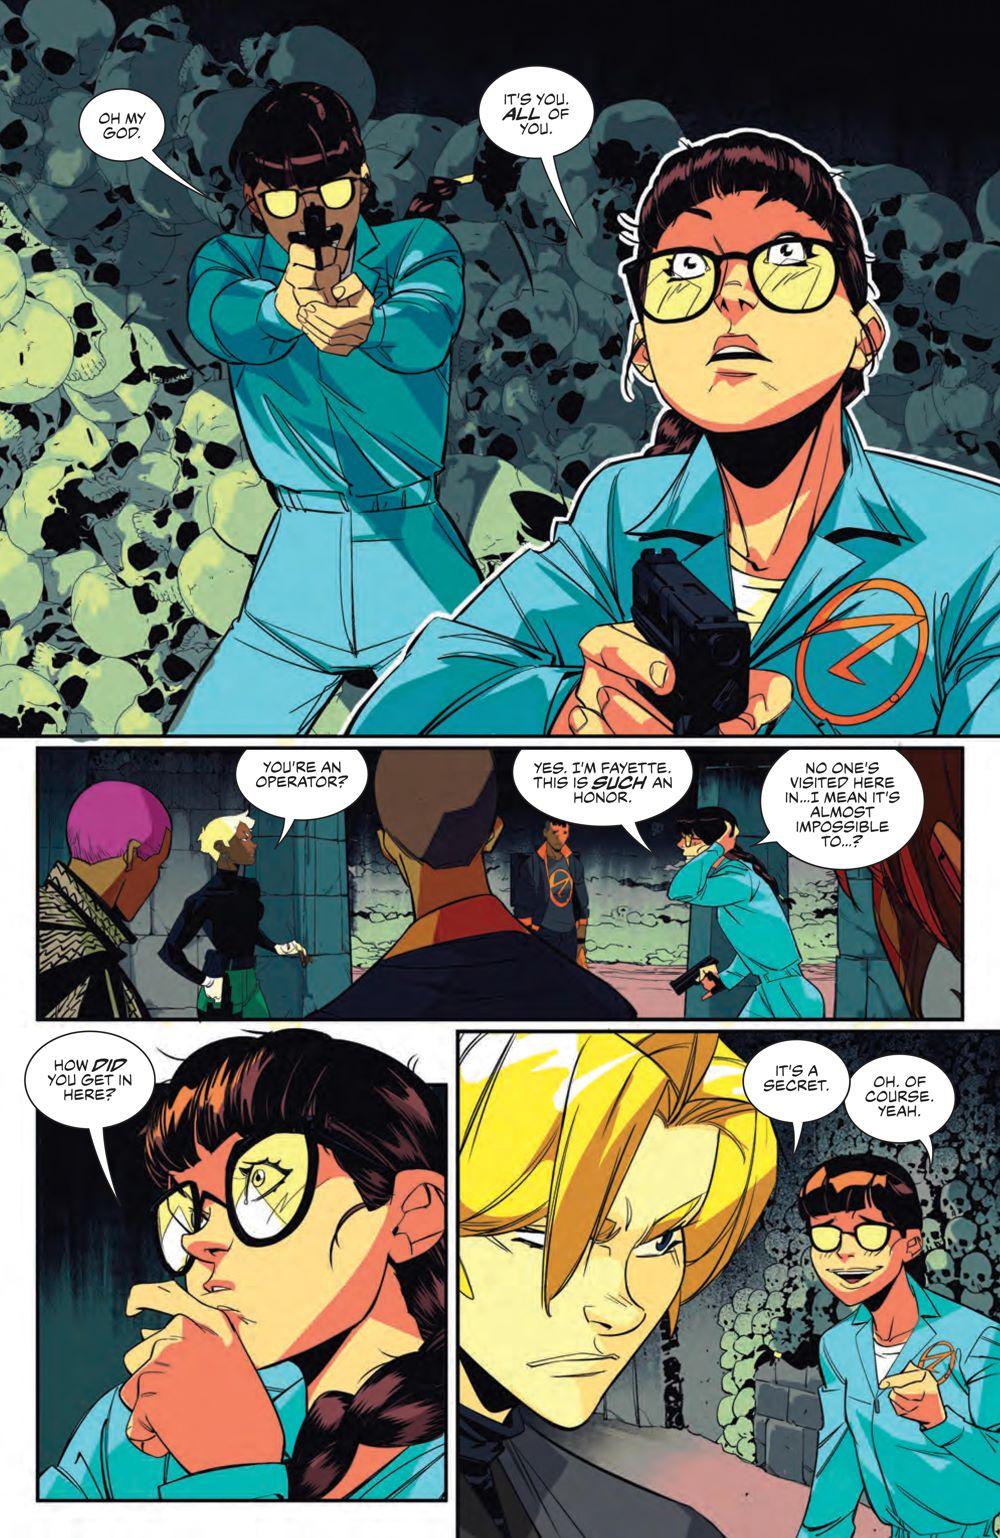 SevenSecrets_008_PRESS_7 ComicList Previews: SEVEN SECRETS #8